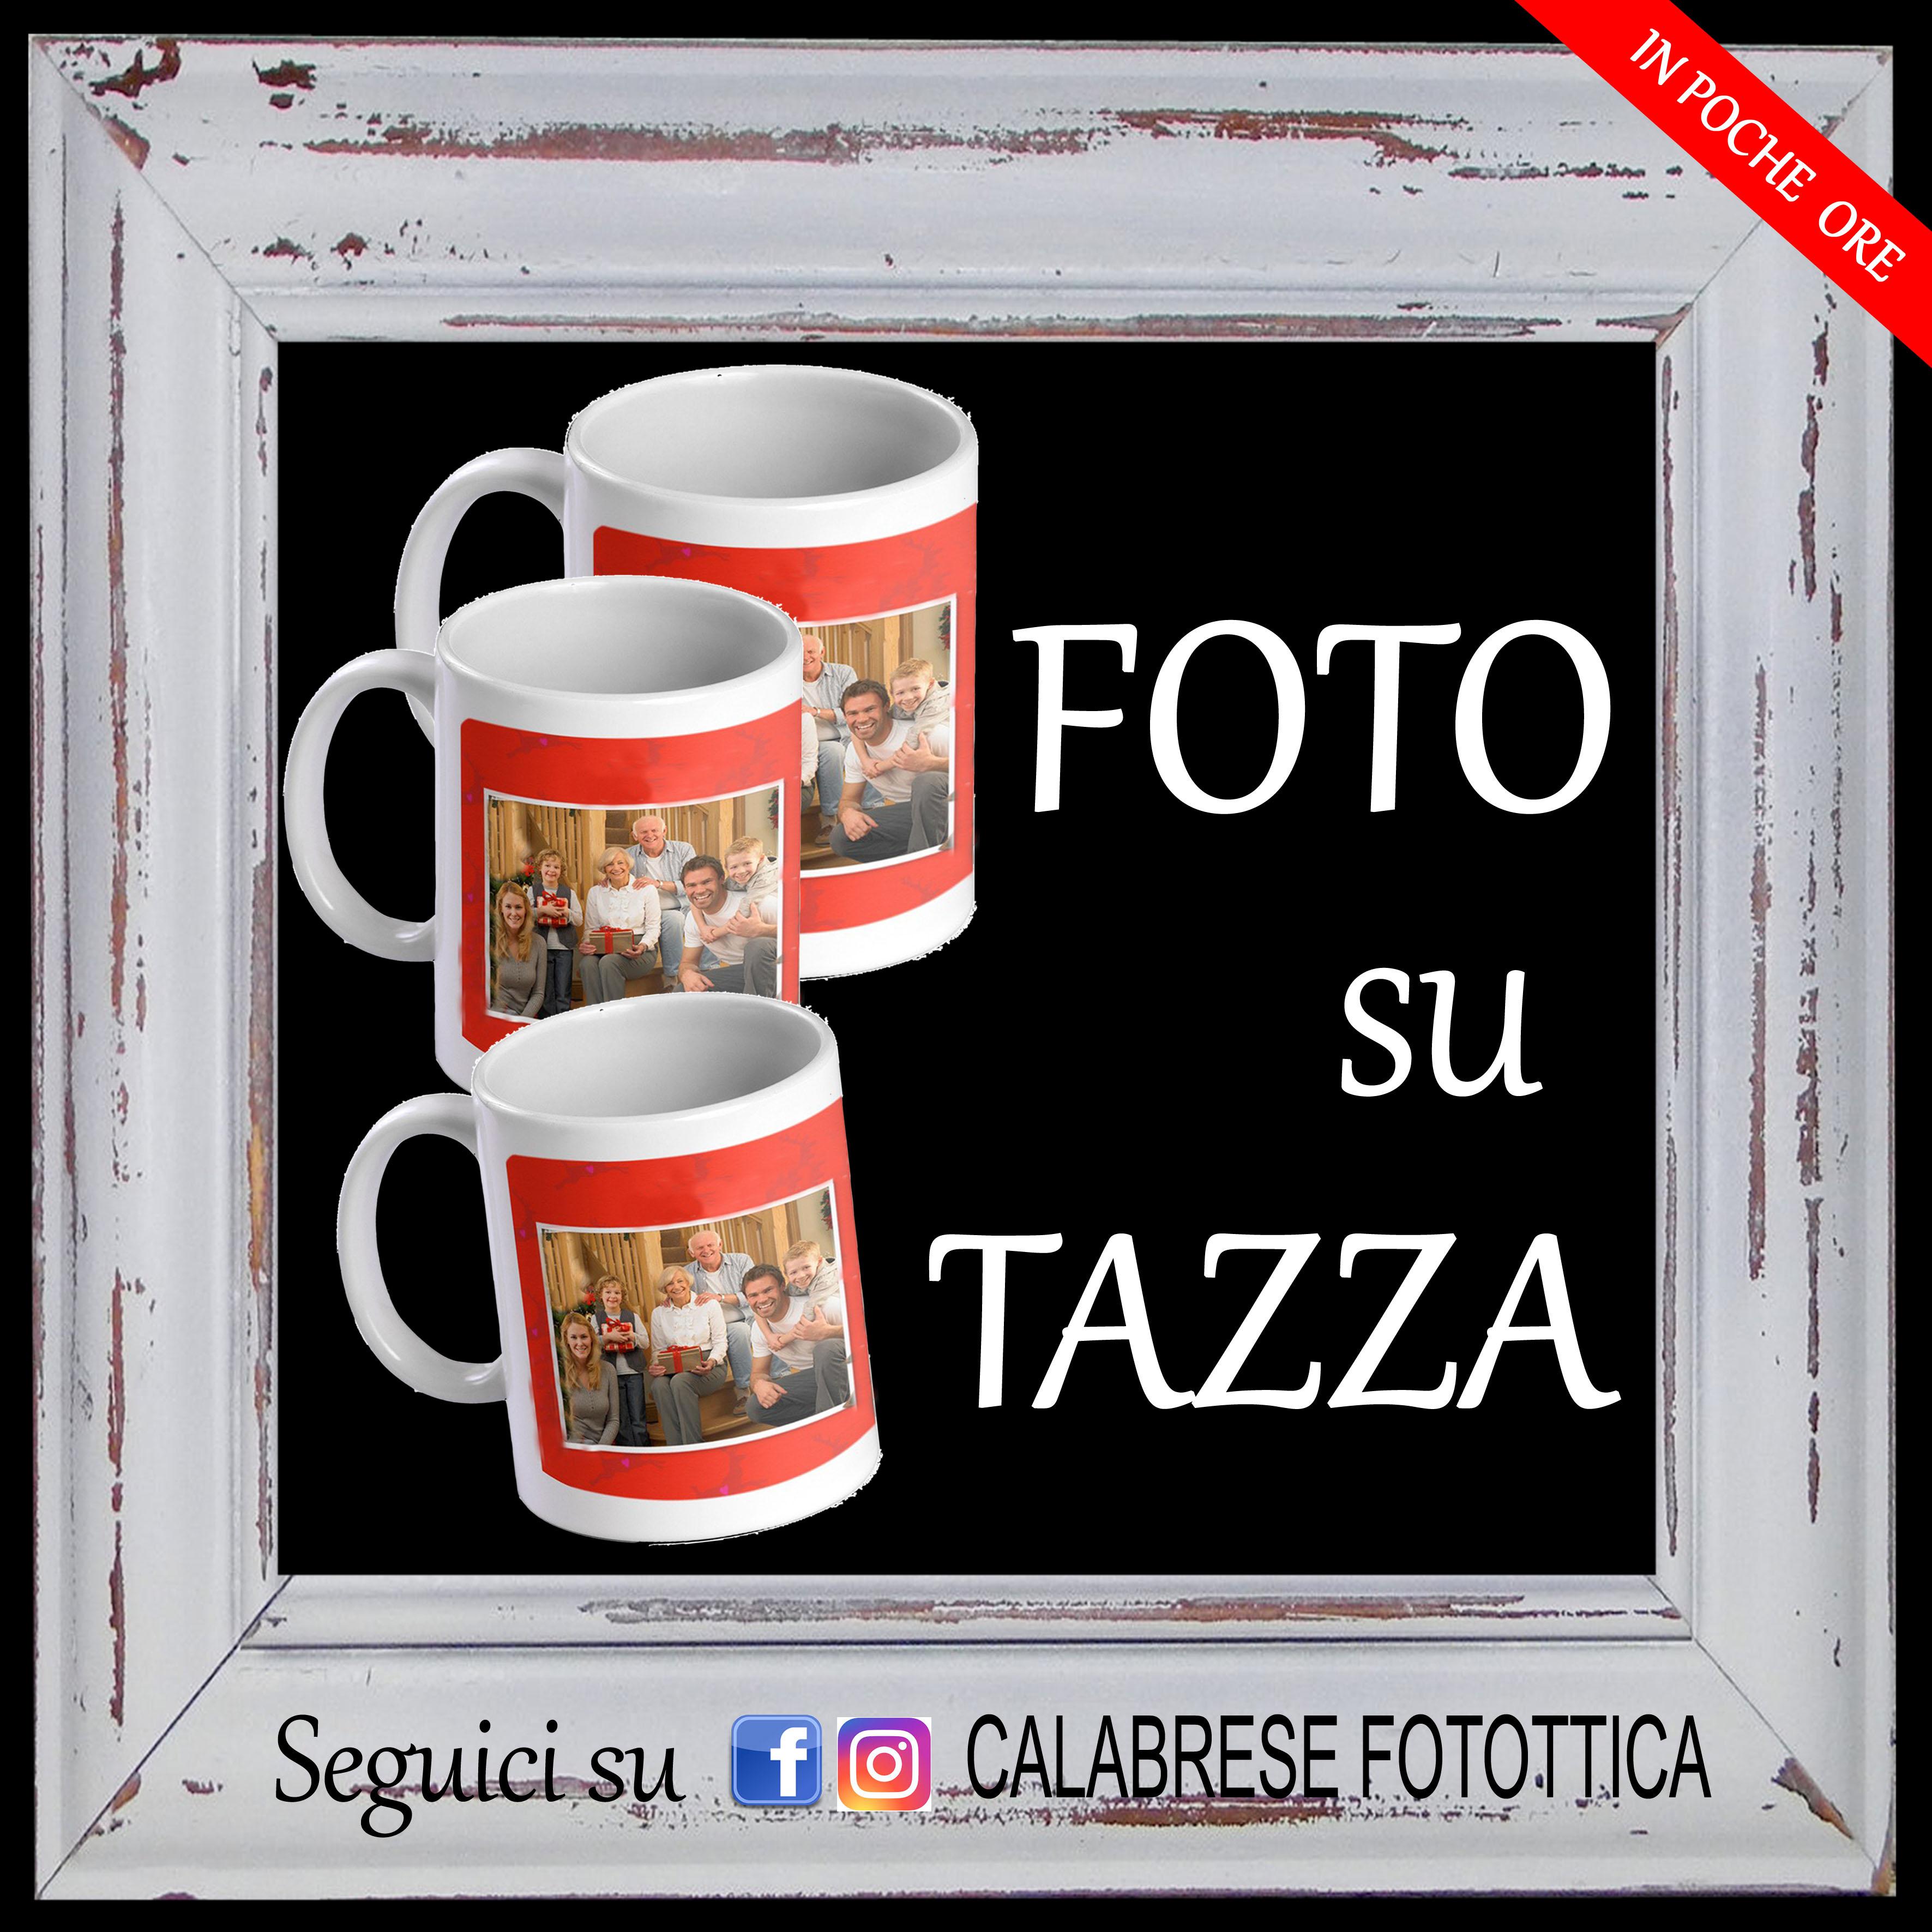 FOTO SU TAZZA A BOLOGNA E SAN LAZZARO. IDEA REGALO PERSONALIZZATA